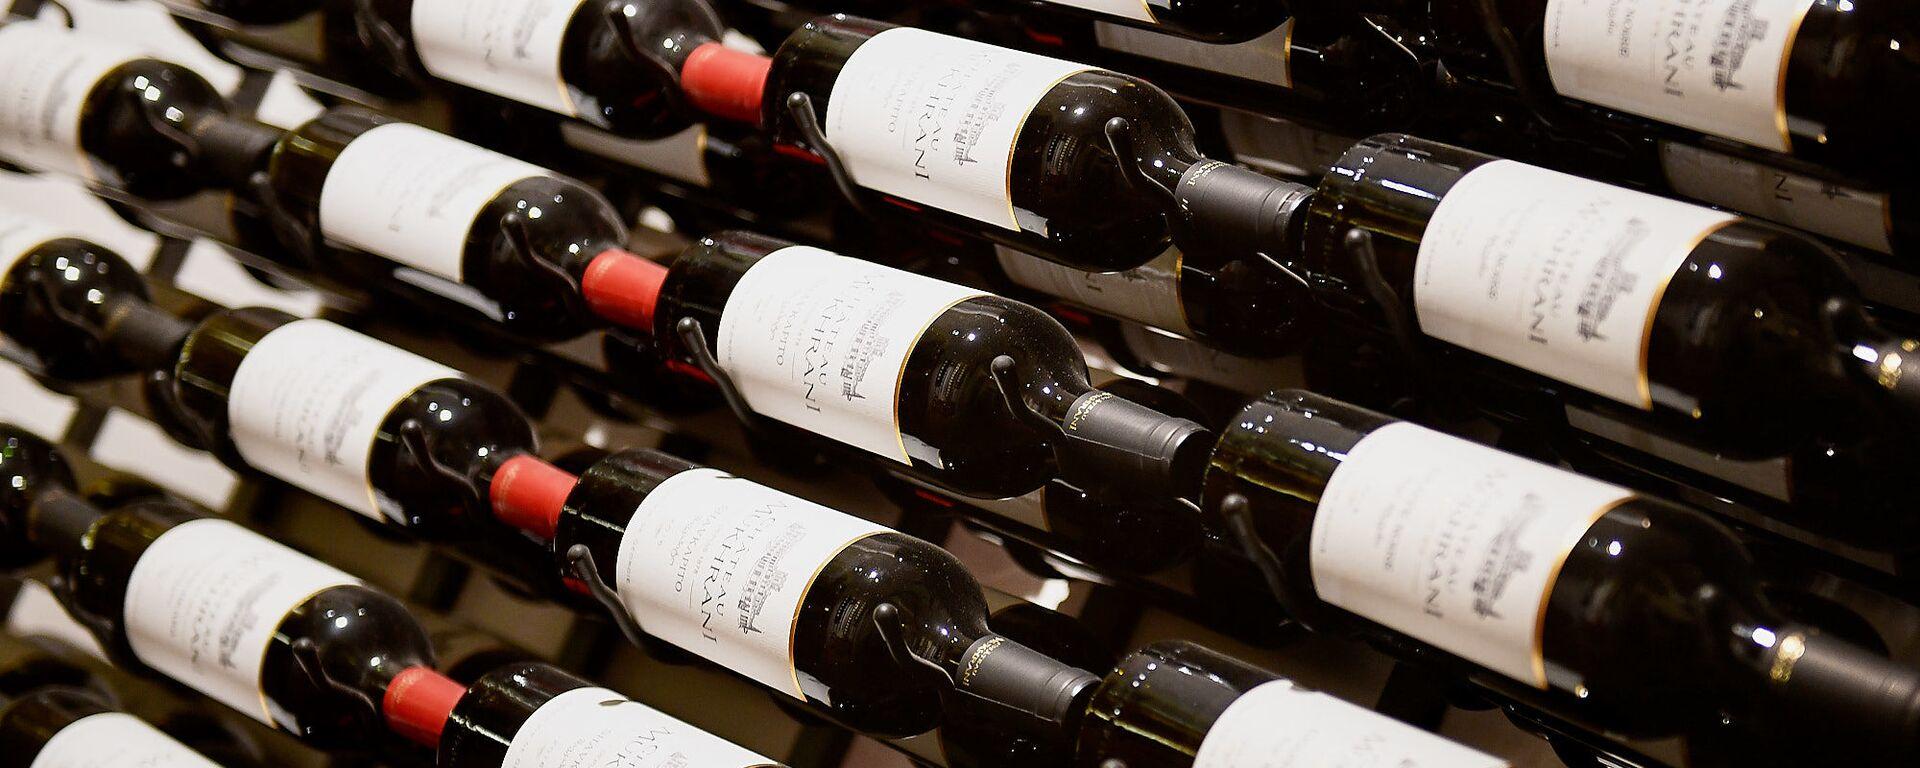 Грузинское вино - Sputnik Грузия, 1920, 06.08.2021